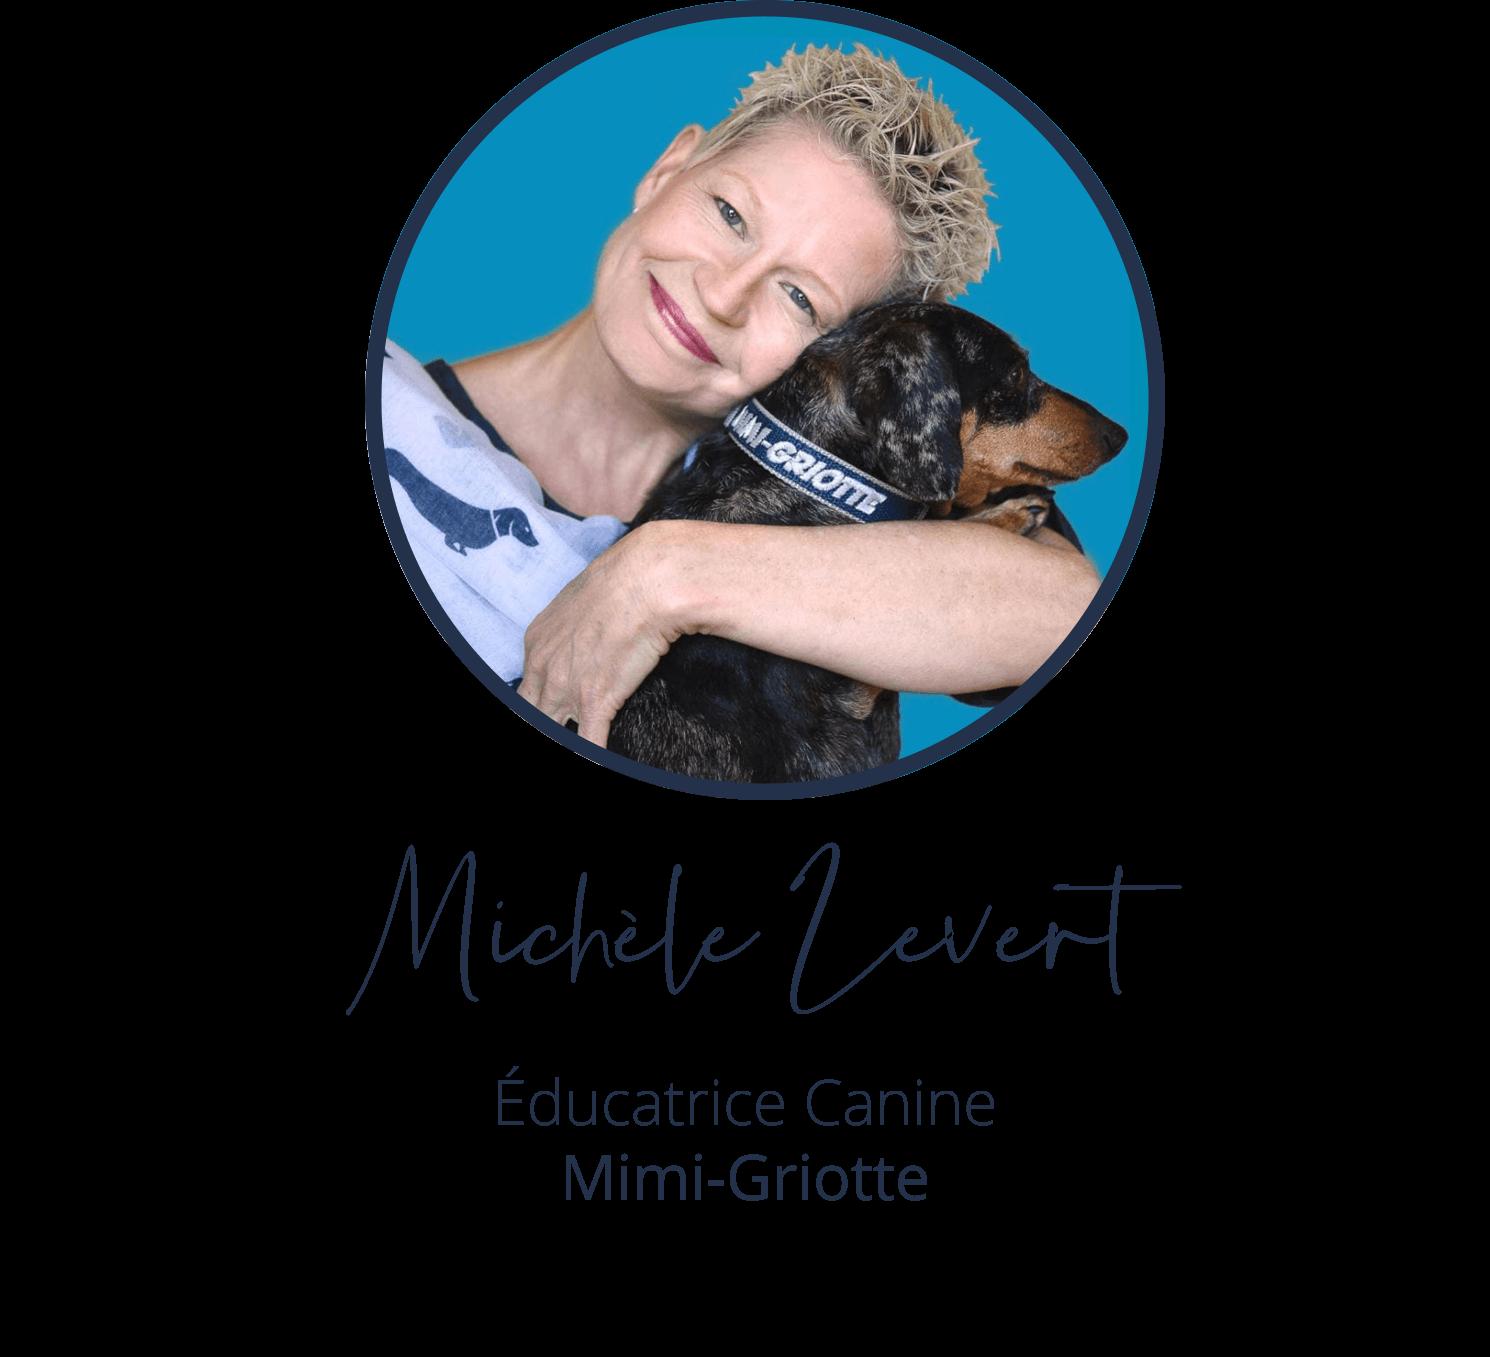 Michèle Levert, Éducatrice Canine, Mimi-Griotte